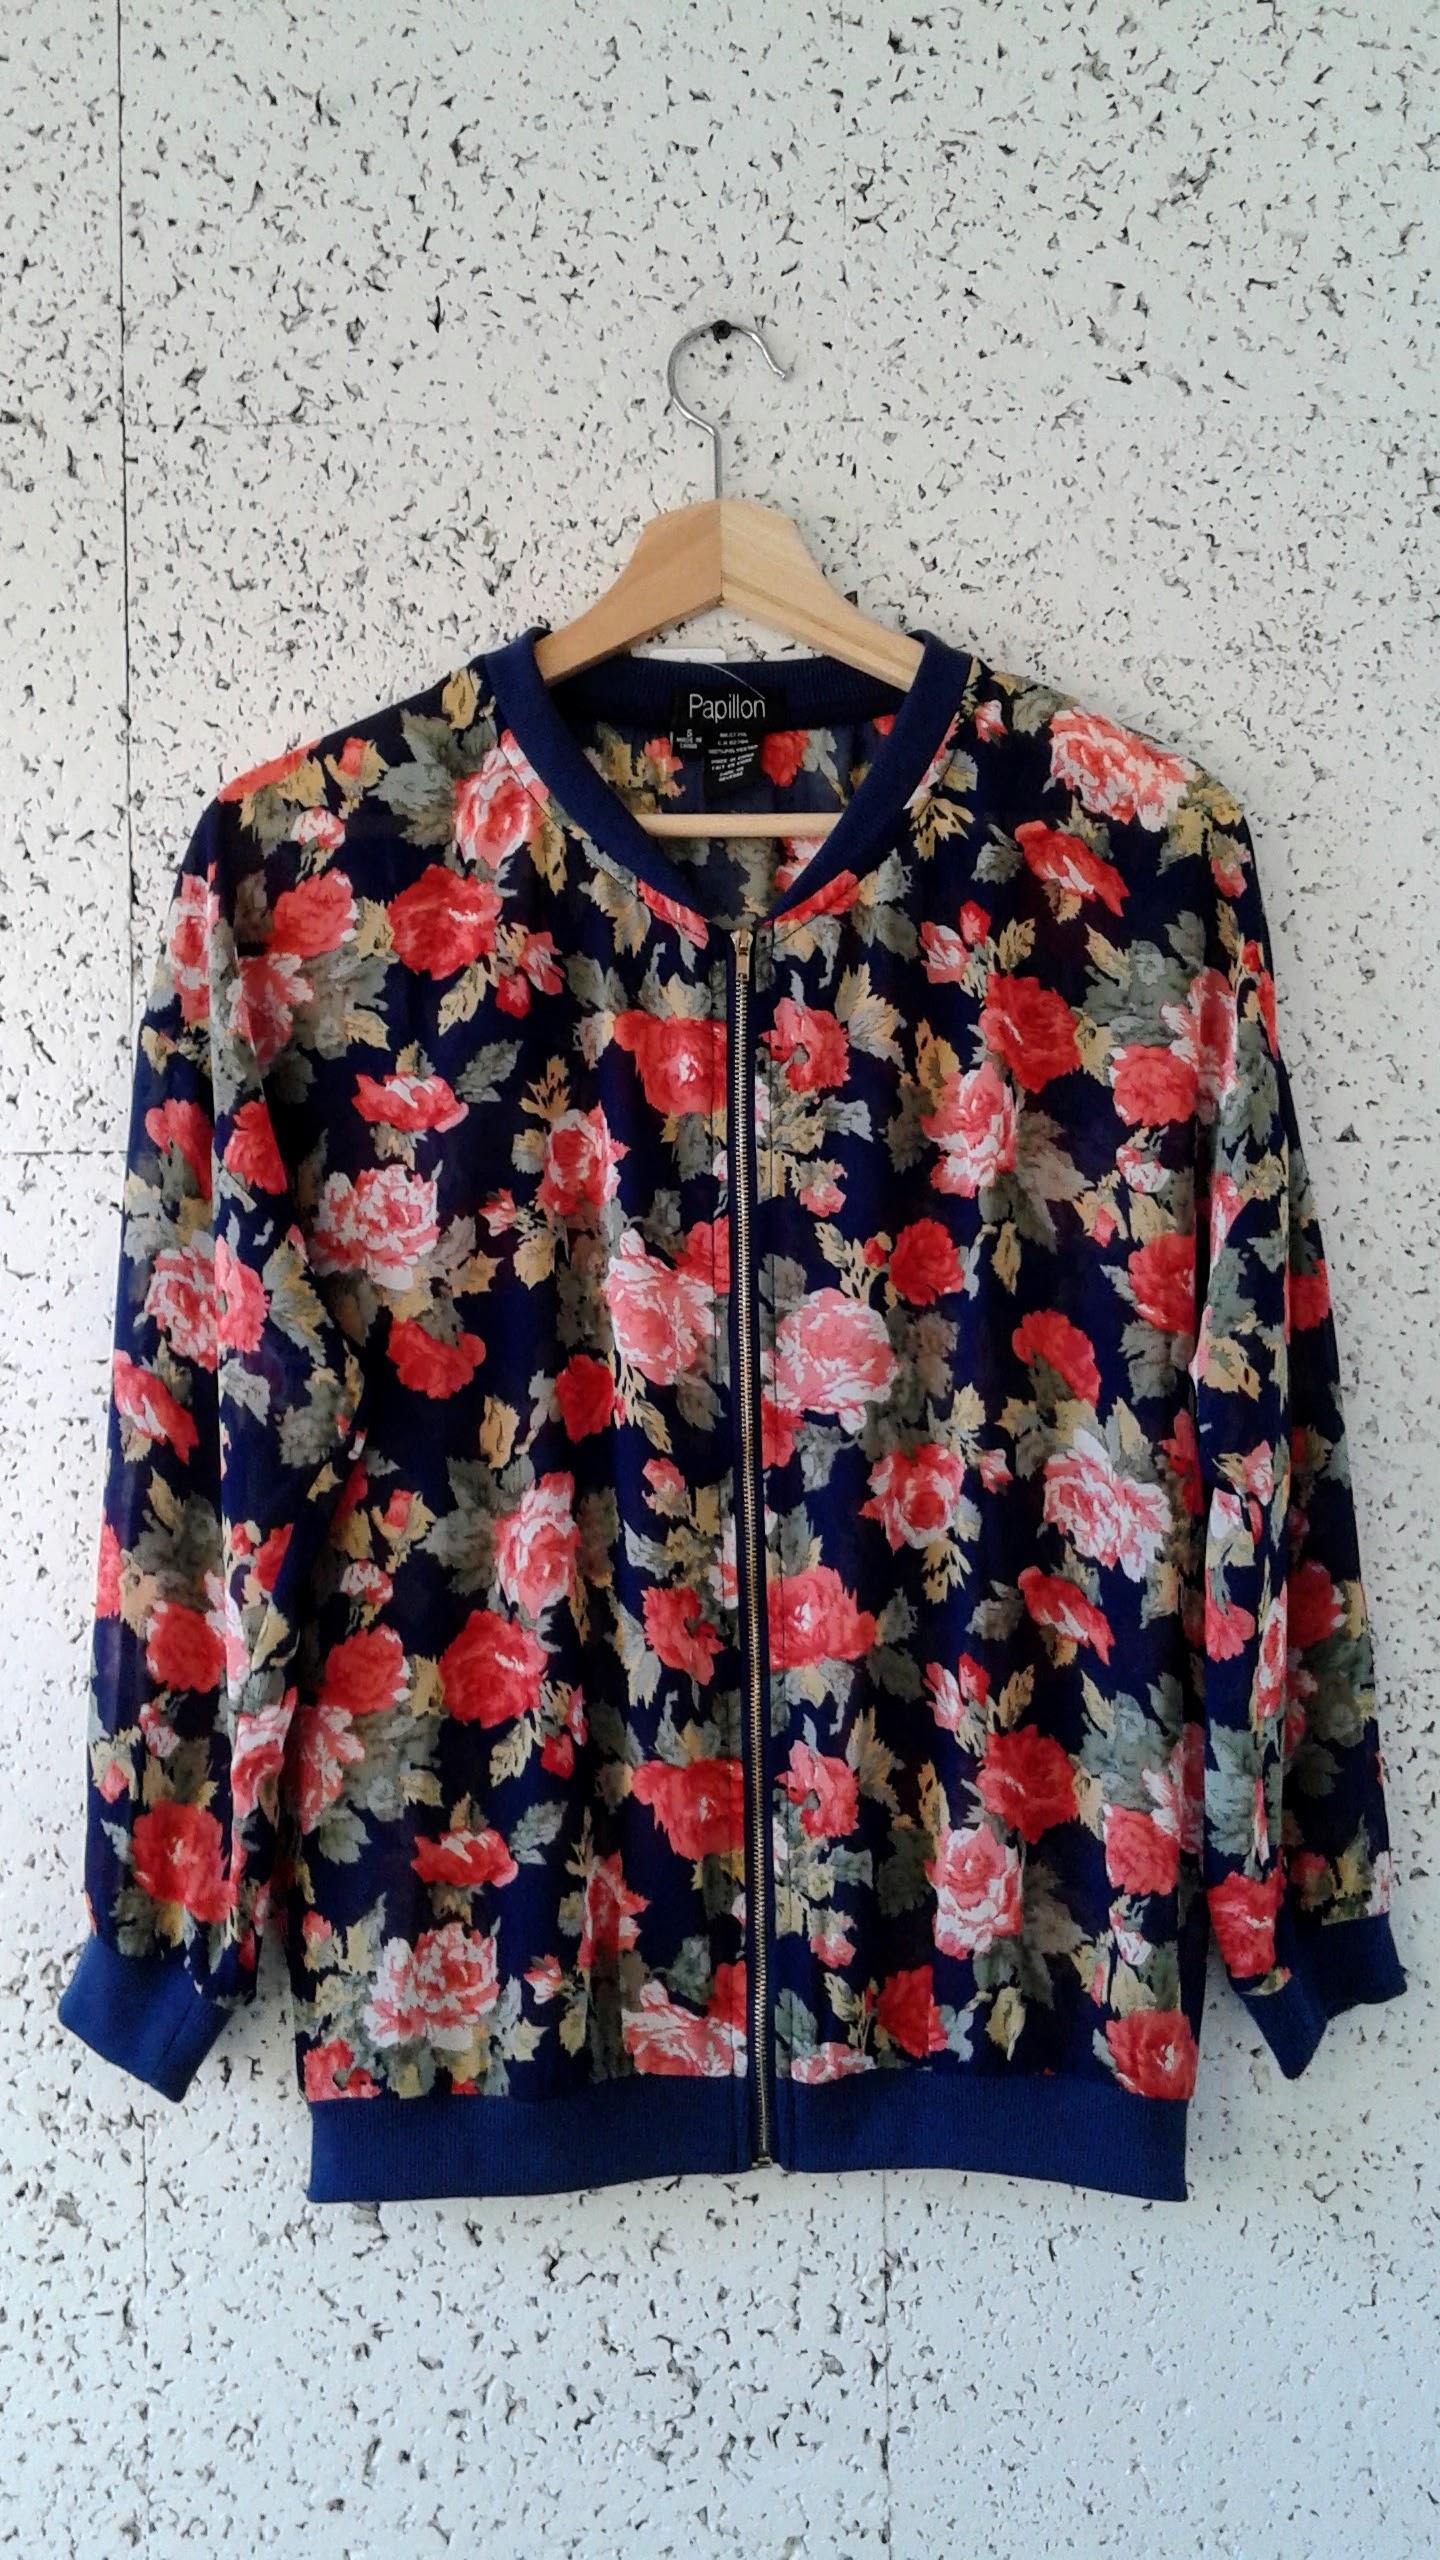 Papillon  vest; Size S, $26